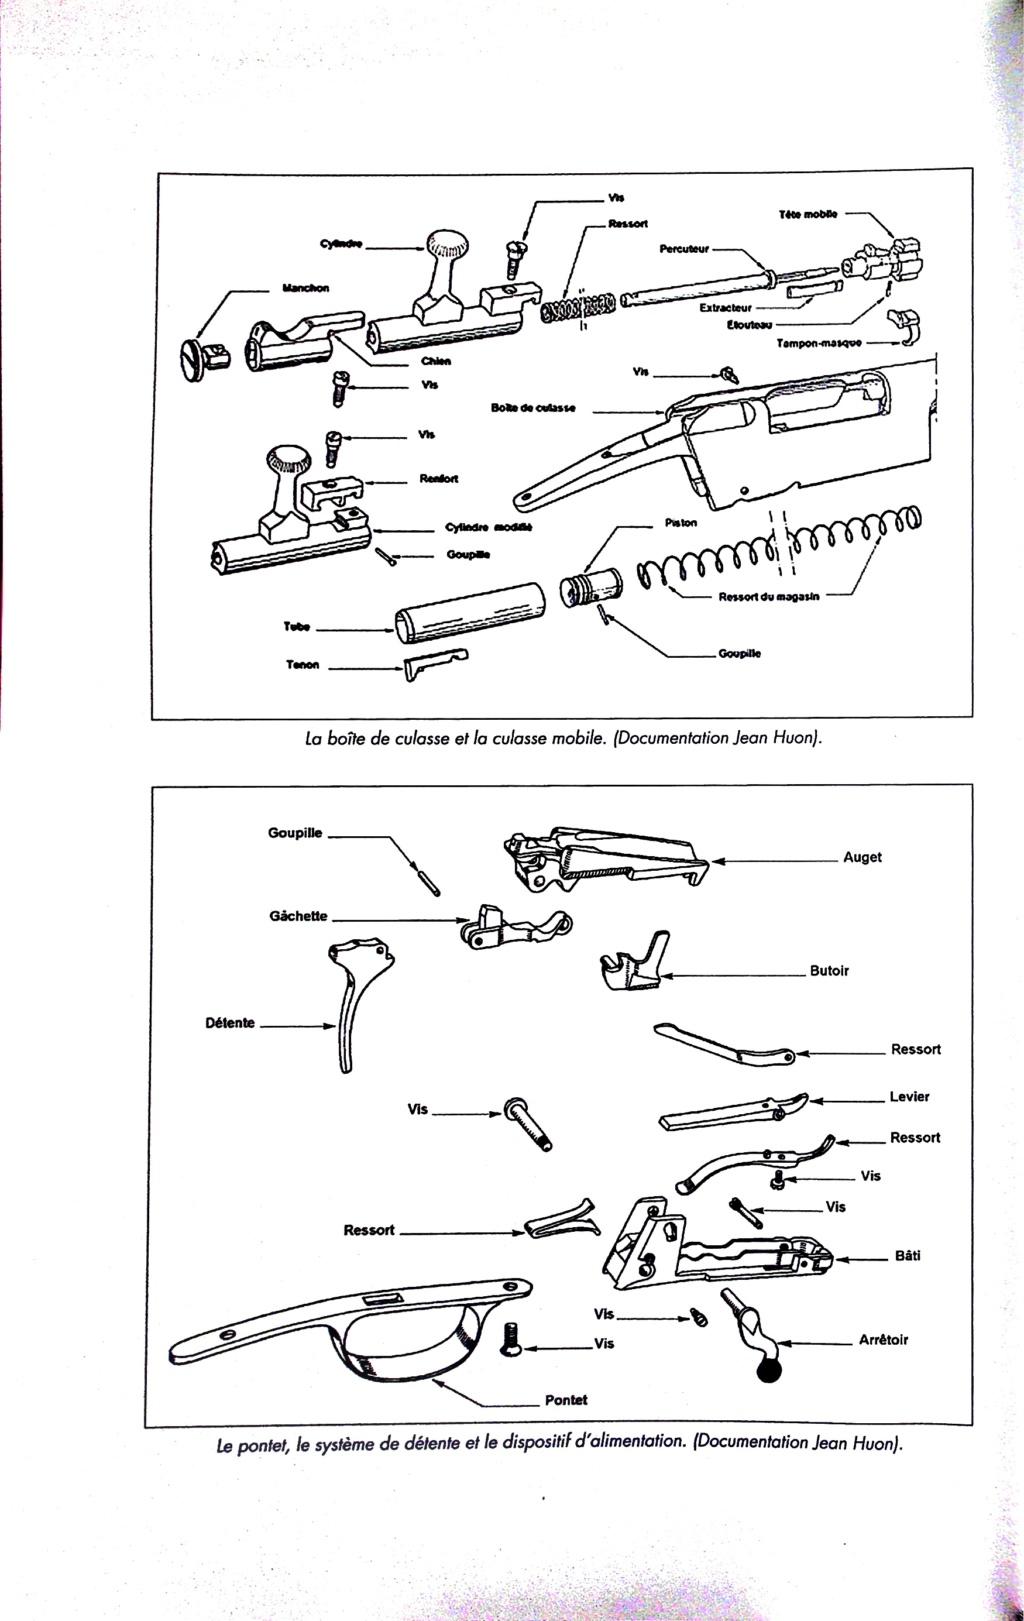 Restauration d'une épave de Lebel - Page 3 Image011